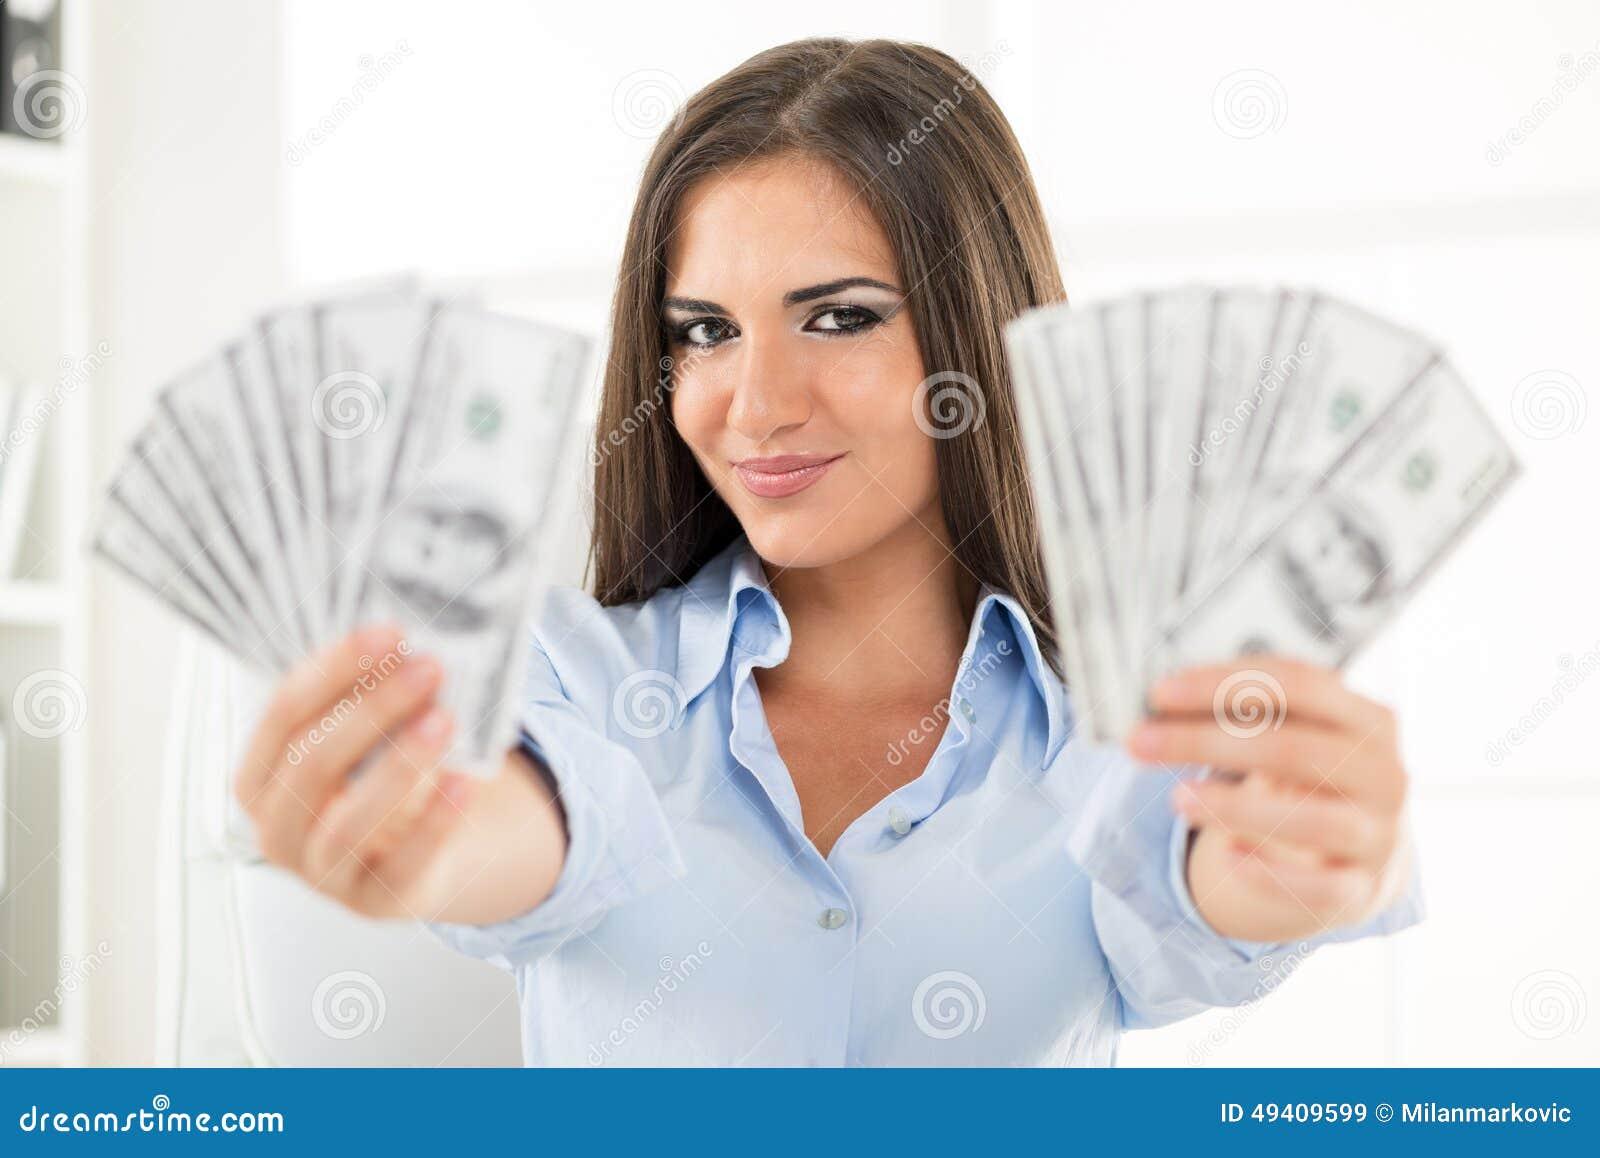 Download Geld in den Händen stockbild. Bild von gehalt, schön - 49409599